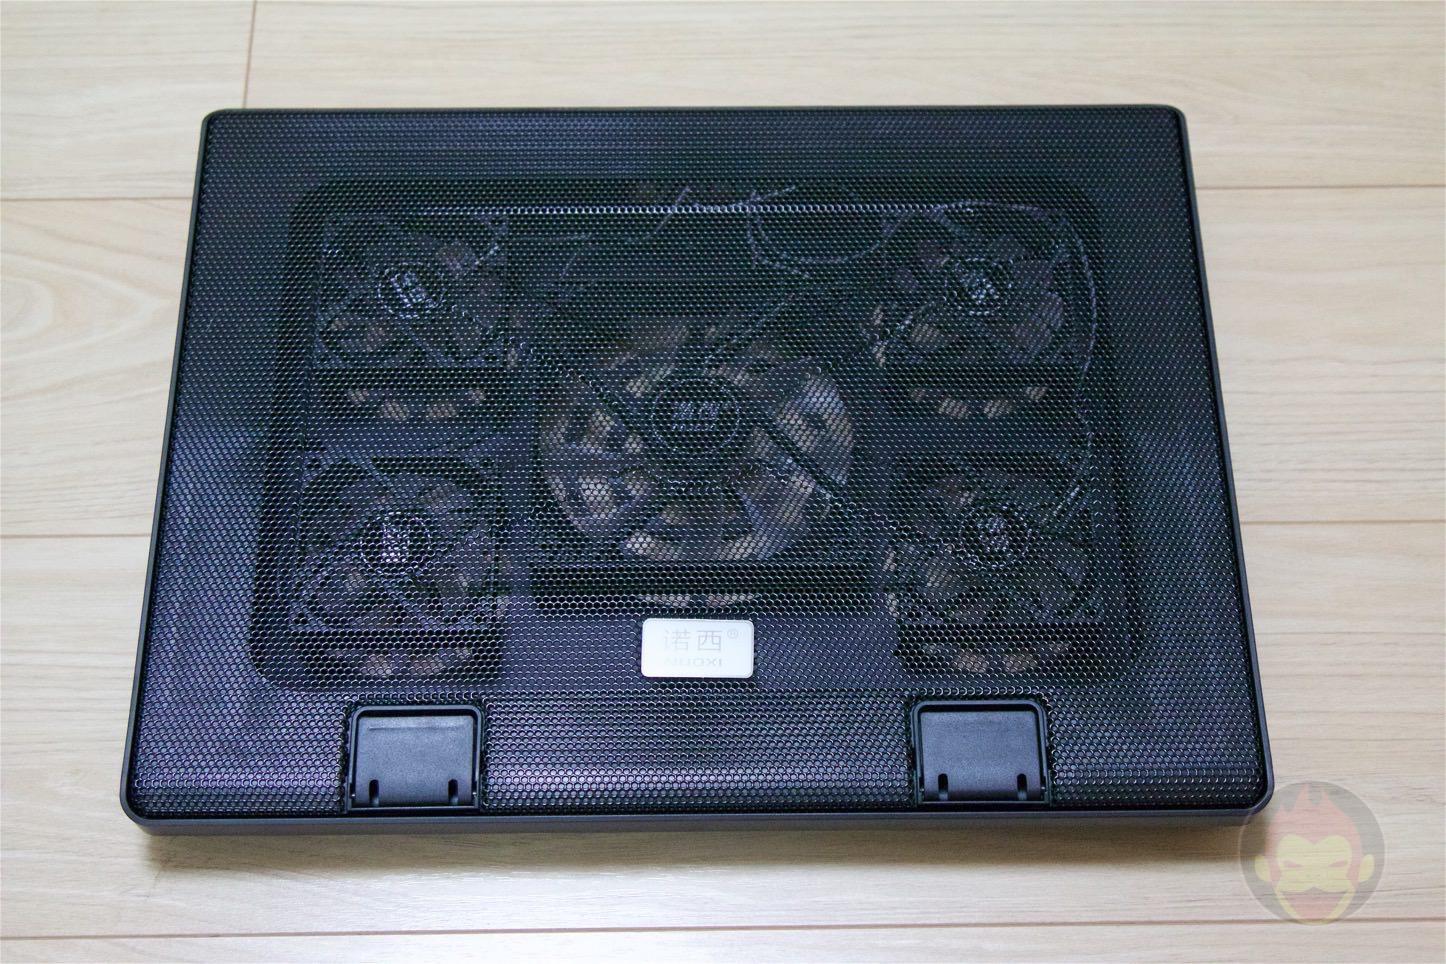 FONESO-fan-Stand-for-Mac-PC-02.jpg